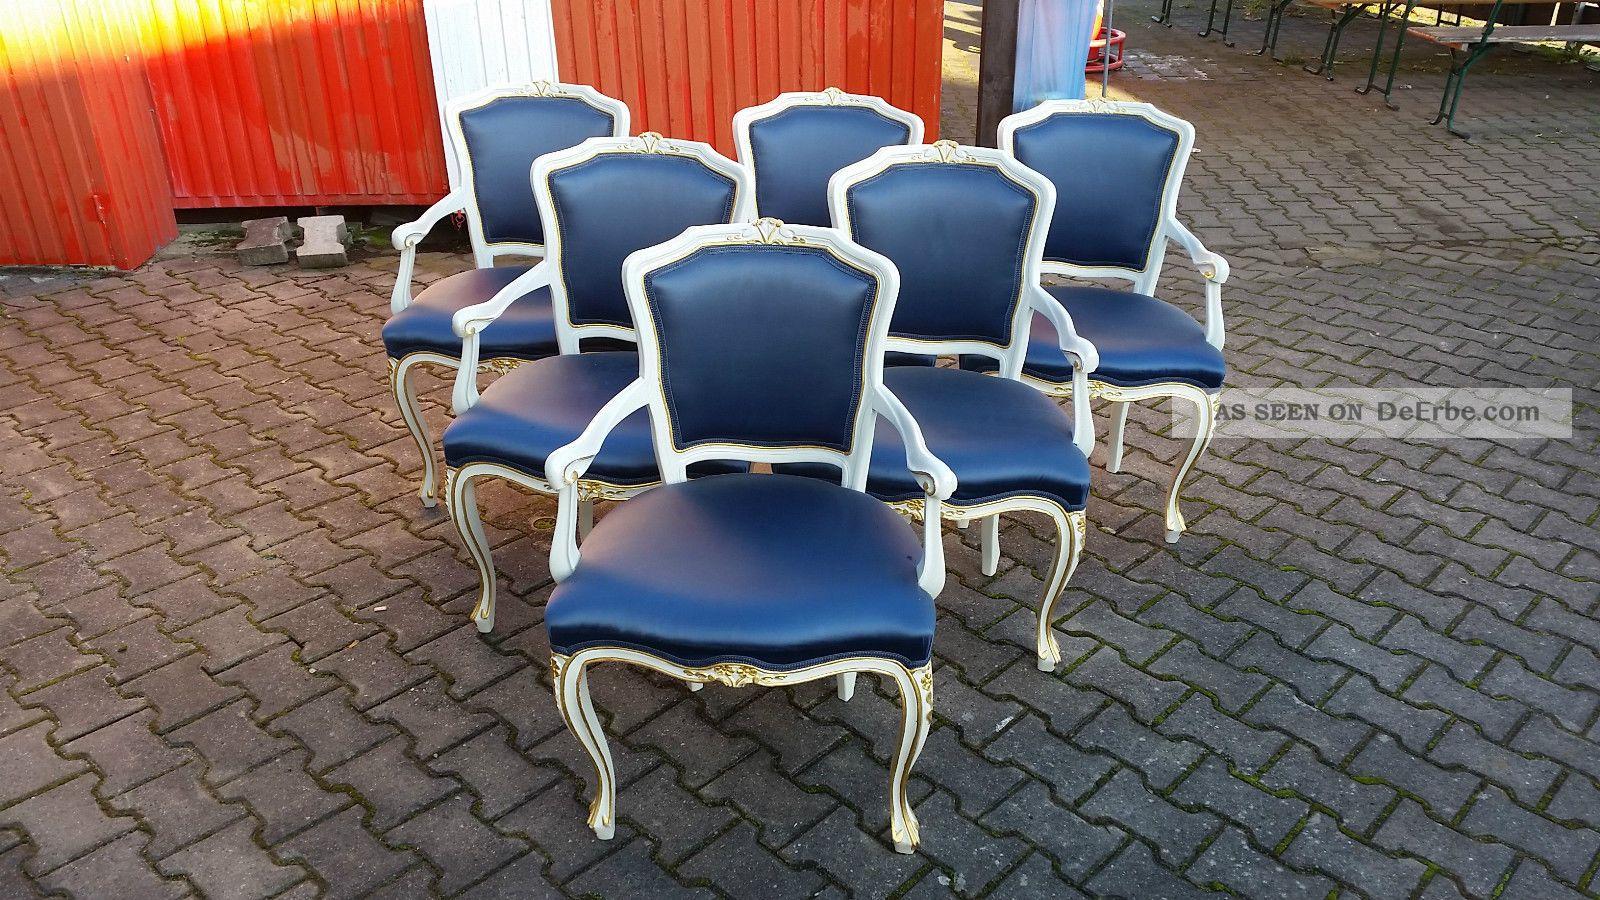 Chippendale Warrings Weiss Stühle Vintage Barock 6 Esstisch Inkl ARj435L